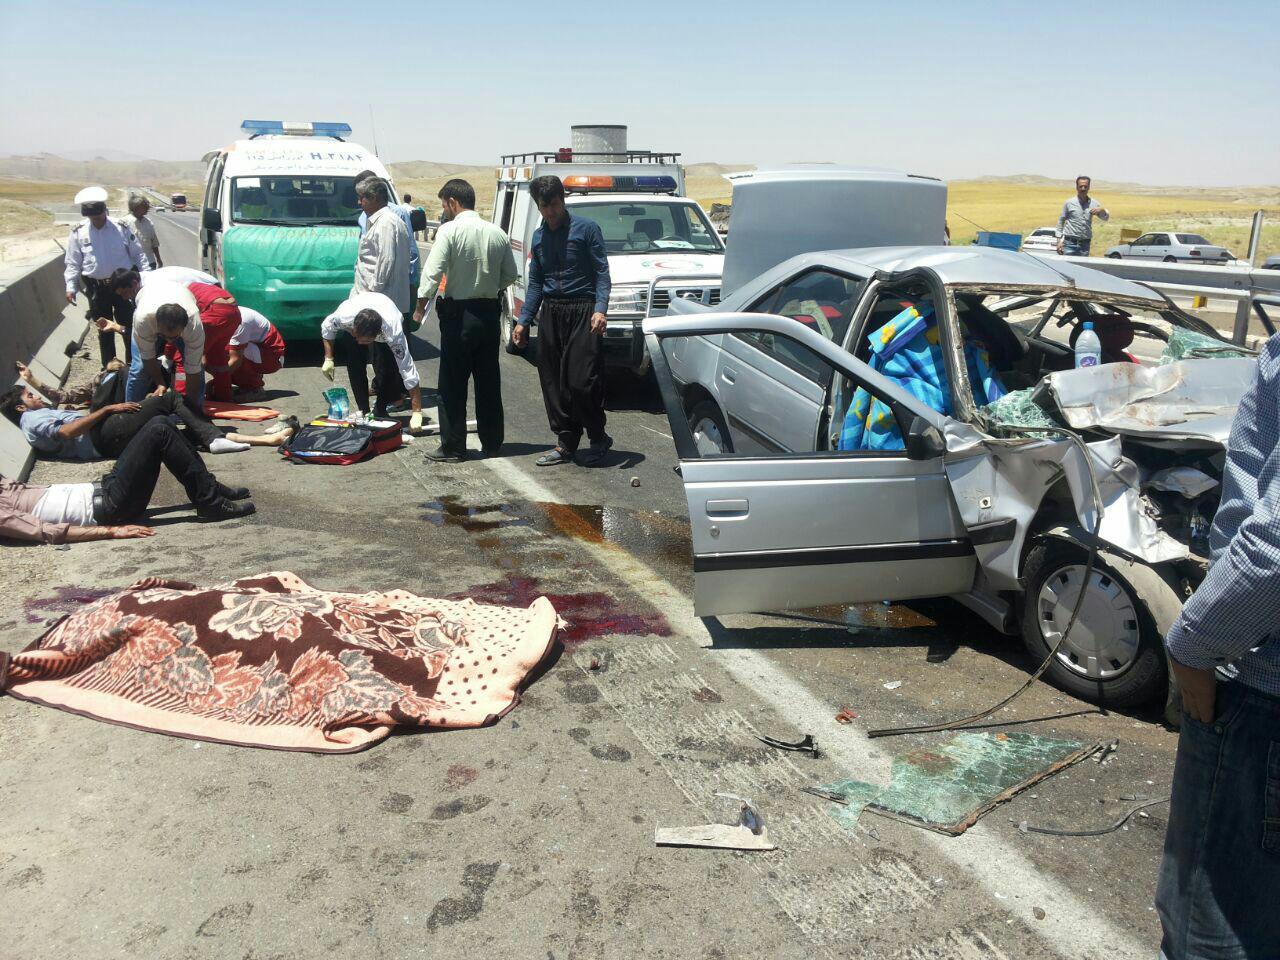 روند افزایشی و نگران کننده کشتههای تصادفات/ درخواست پلیس برای جرایم رانندگی